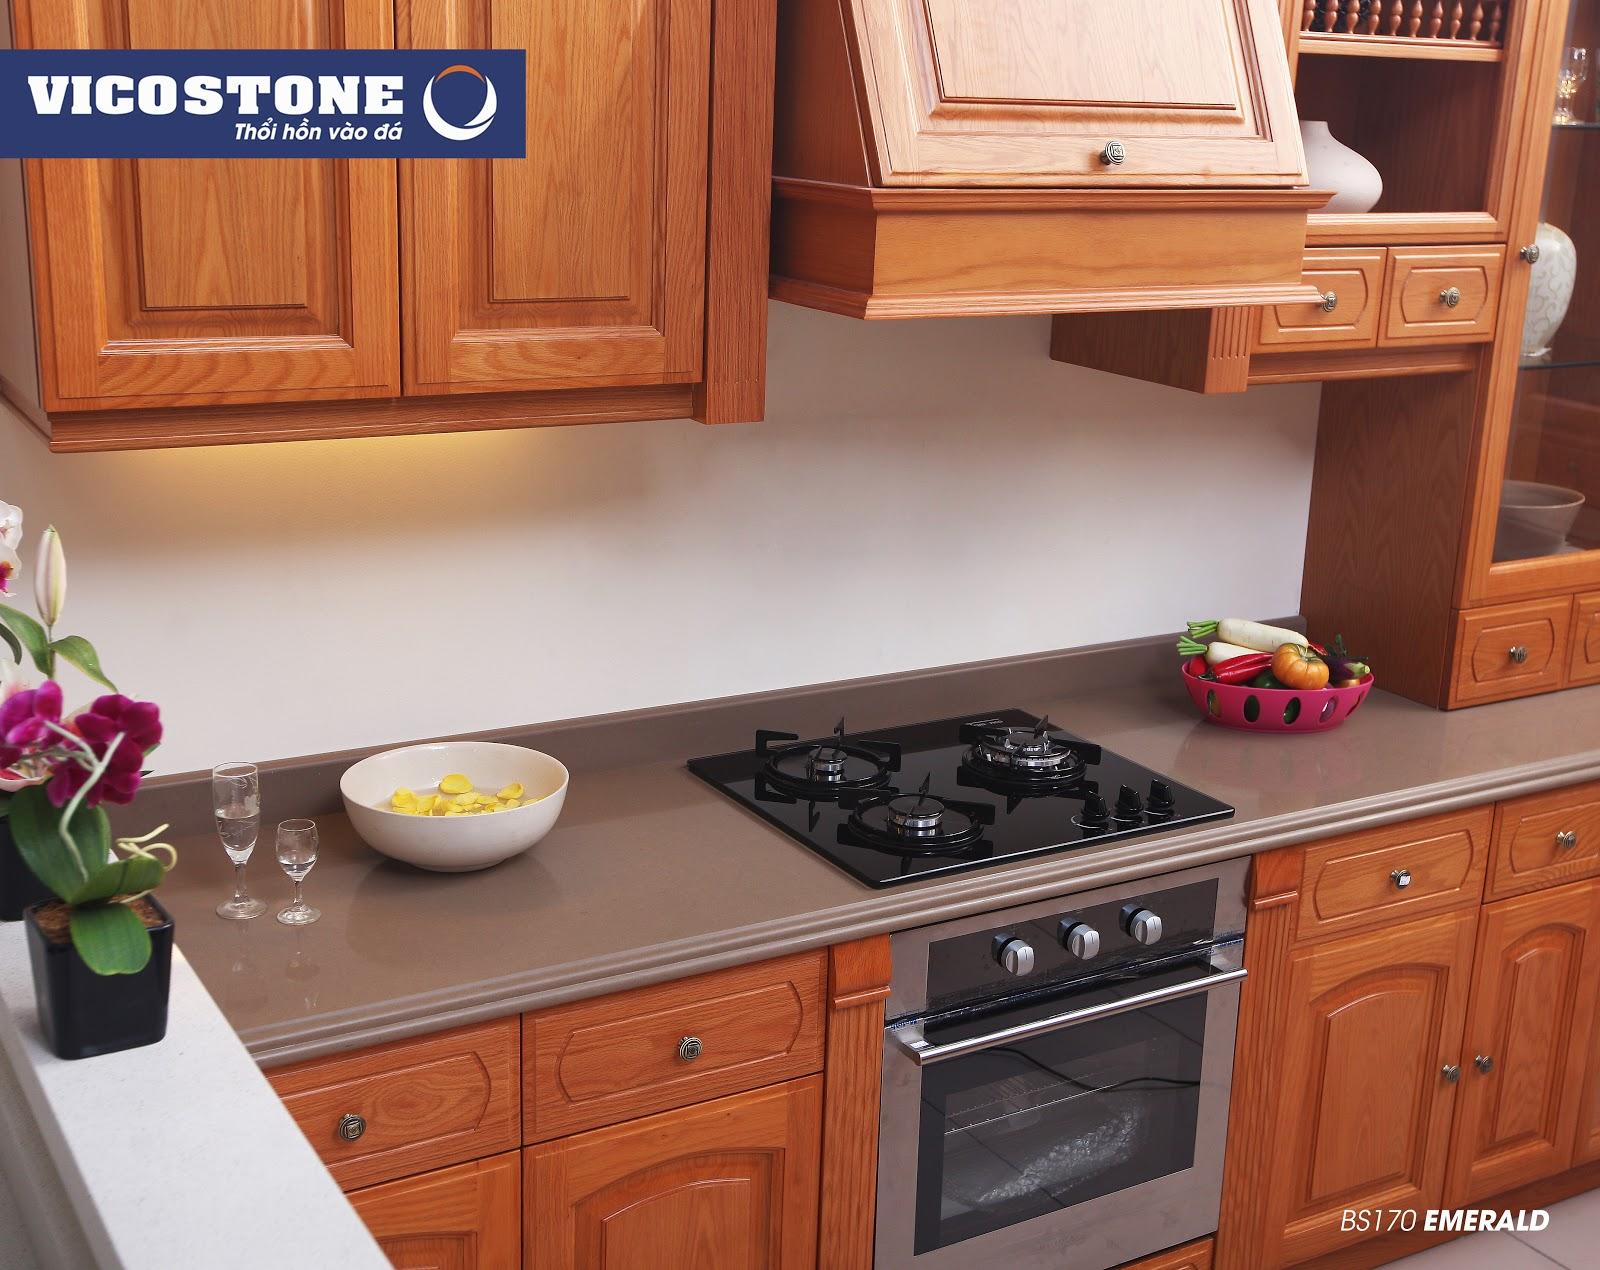 Nên chọn sản phẩm đá bàn bếp chất lượng để sử dụng được lâu dài